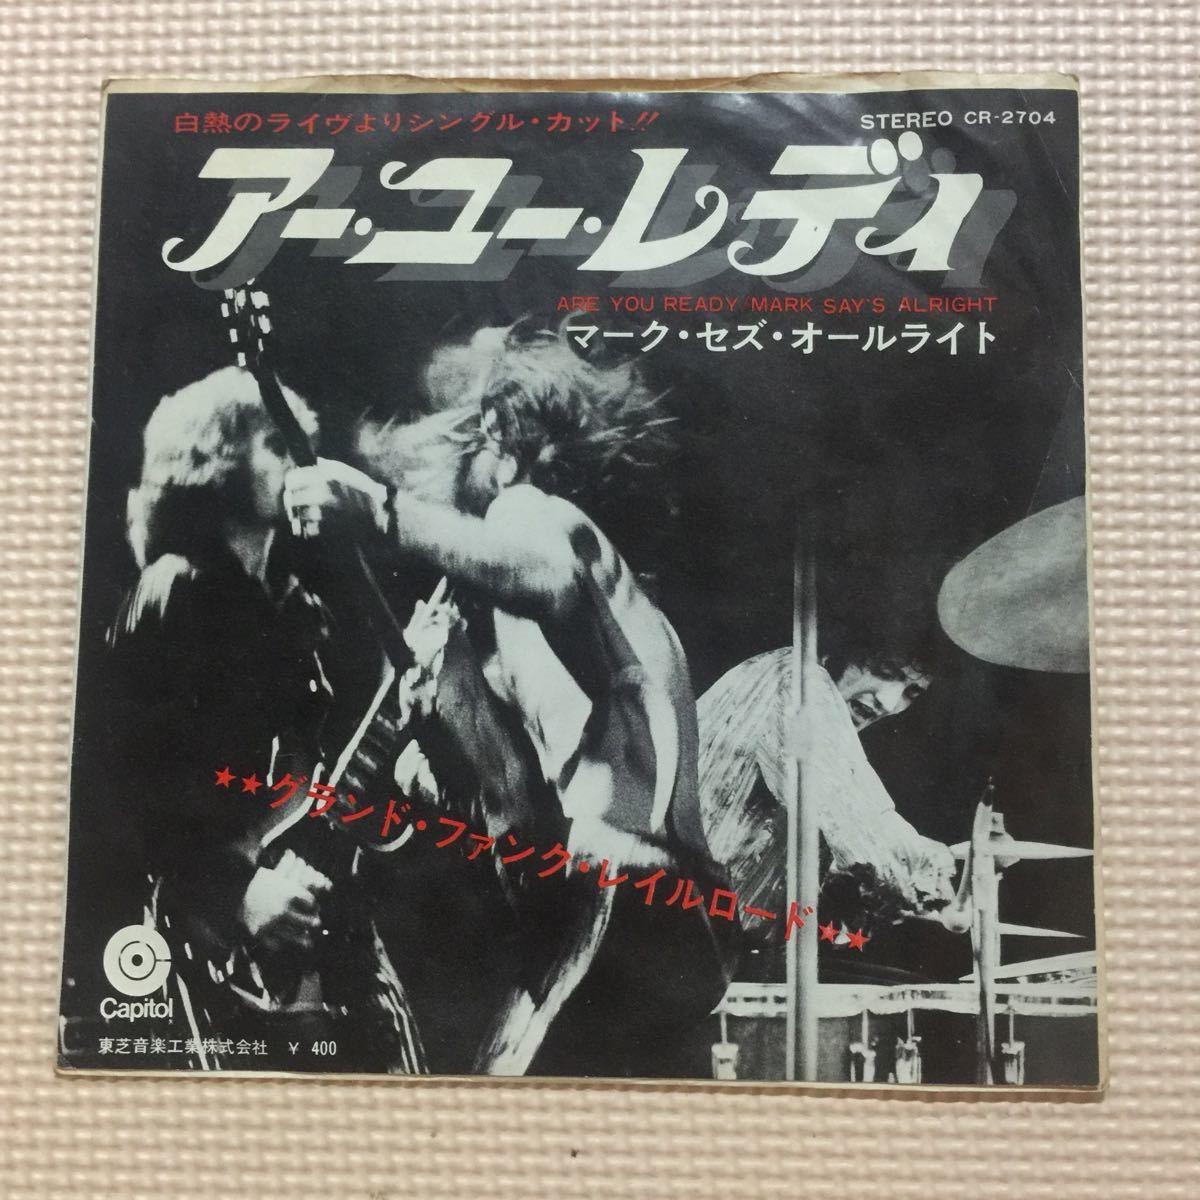 グランド・ファンク・レイルロード アー・ユー・レディ 国内盤7インチシングルレコード